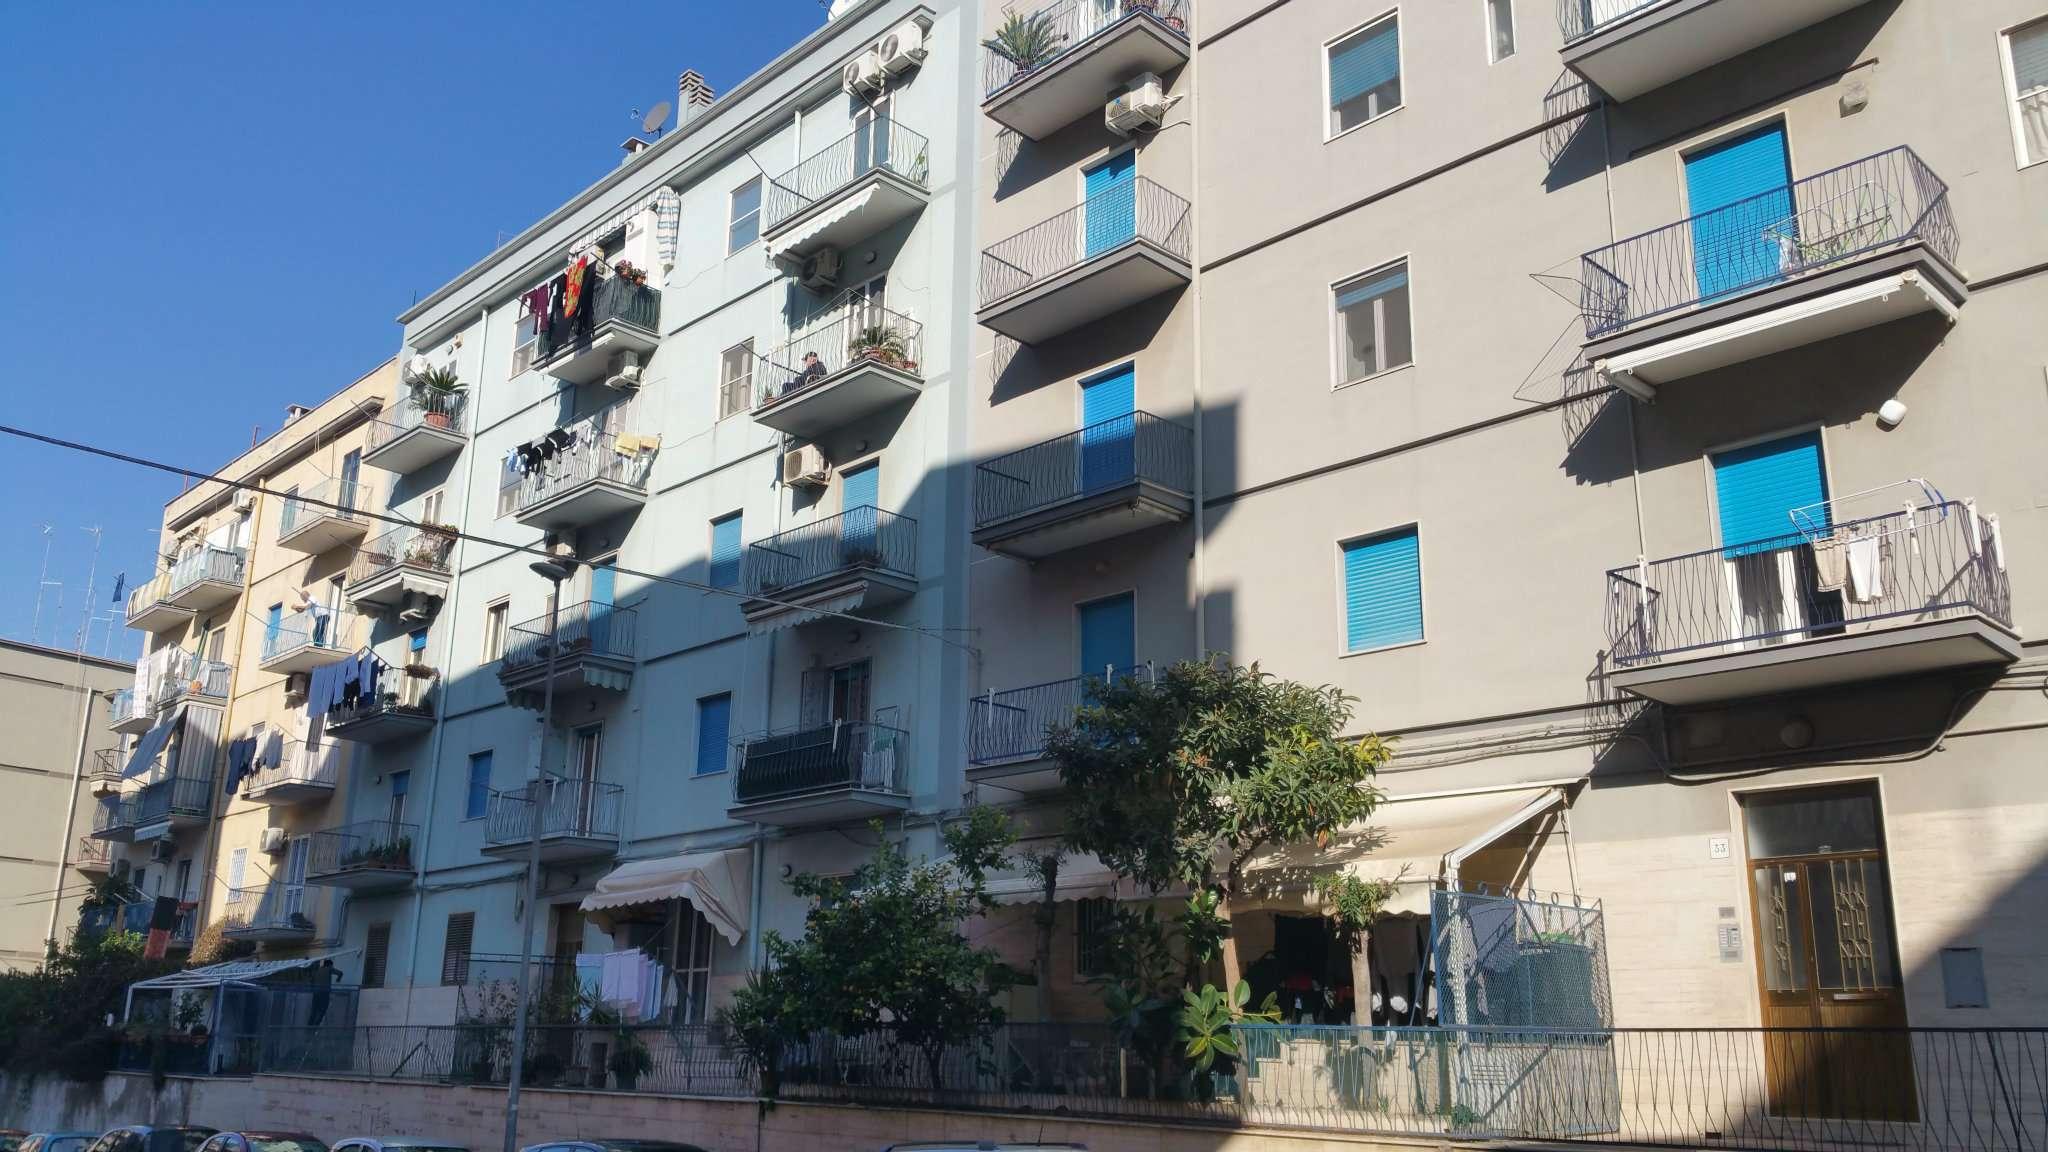 Appartamento in vendita a Bisceglie, 3 locali, prezzo € 105.000 | Cambio Casa.it